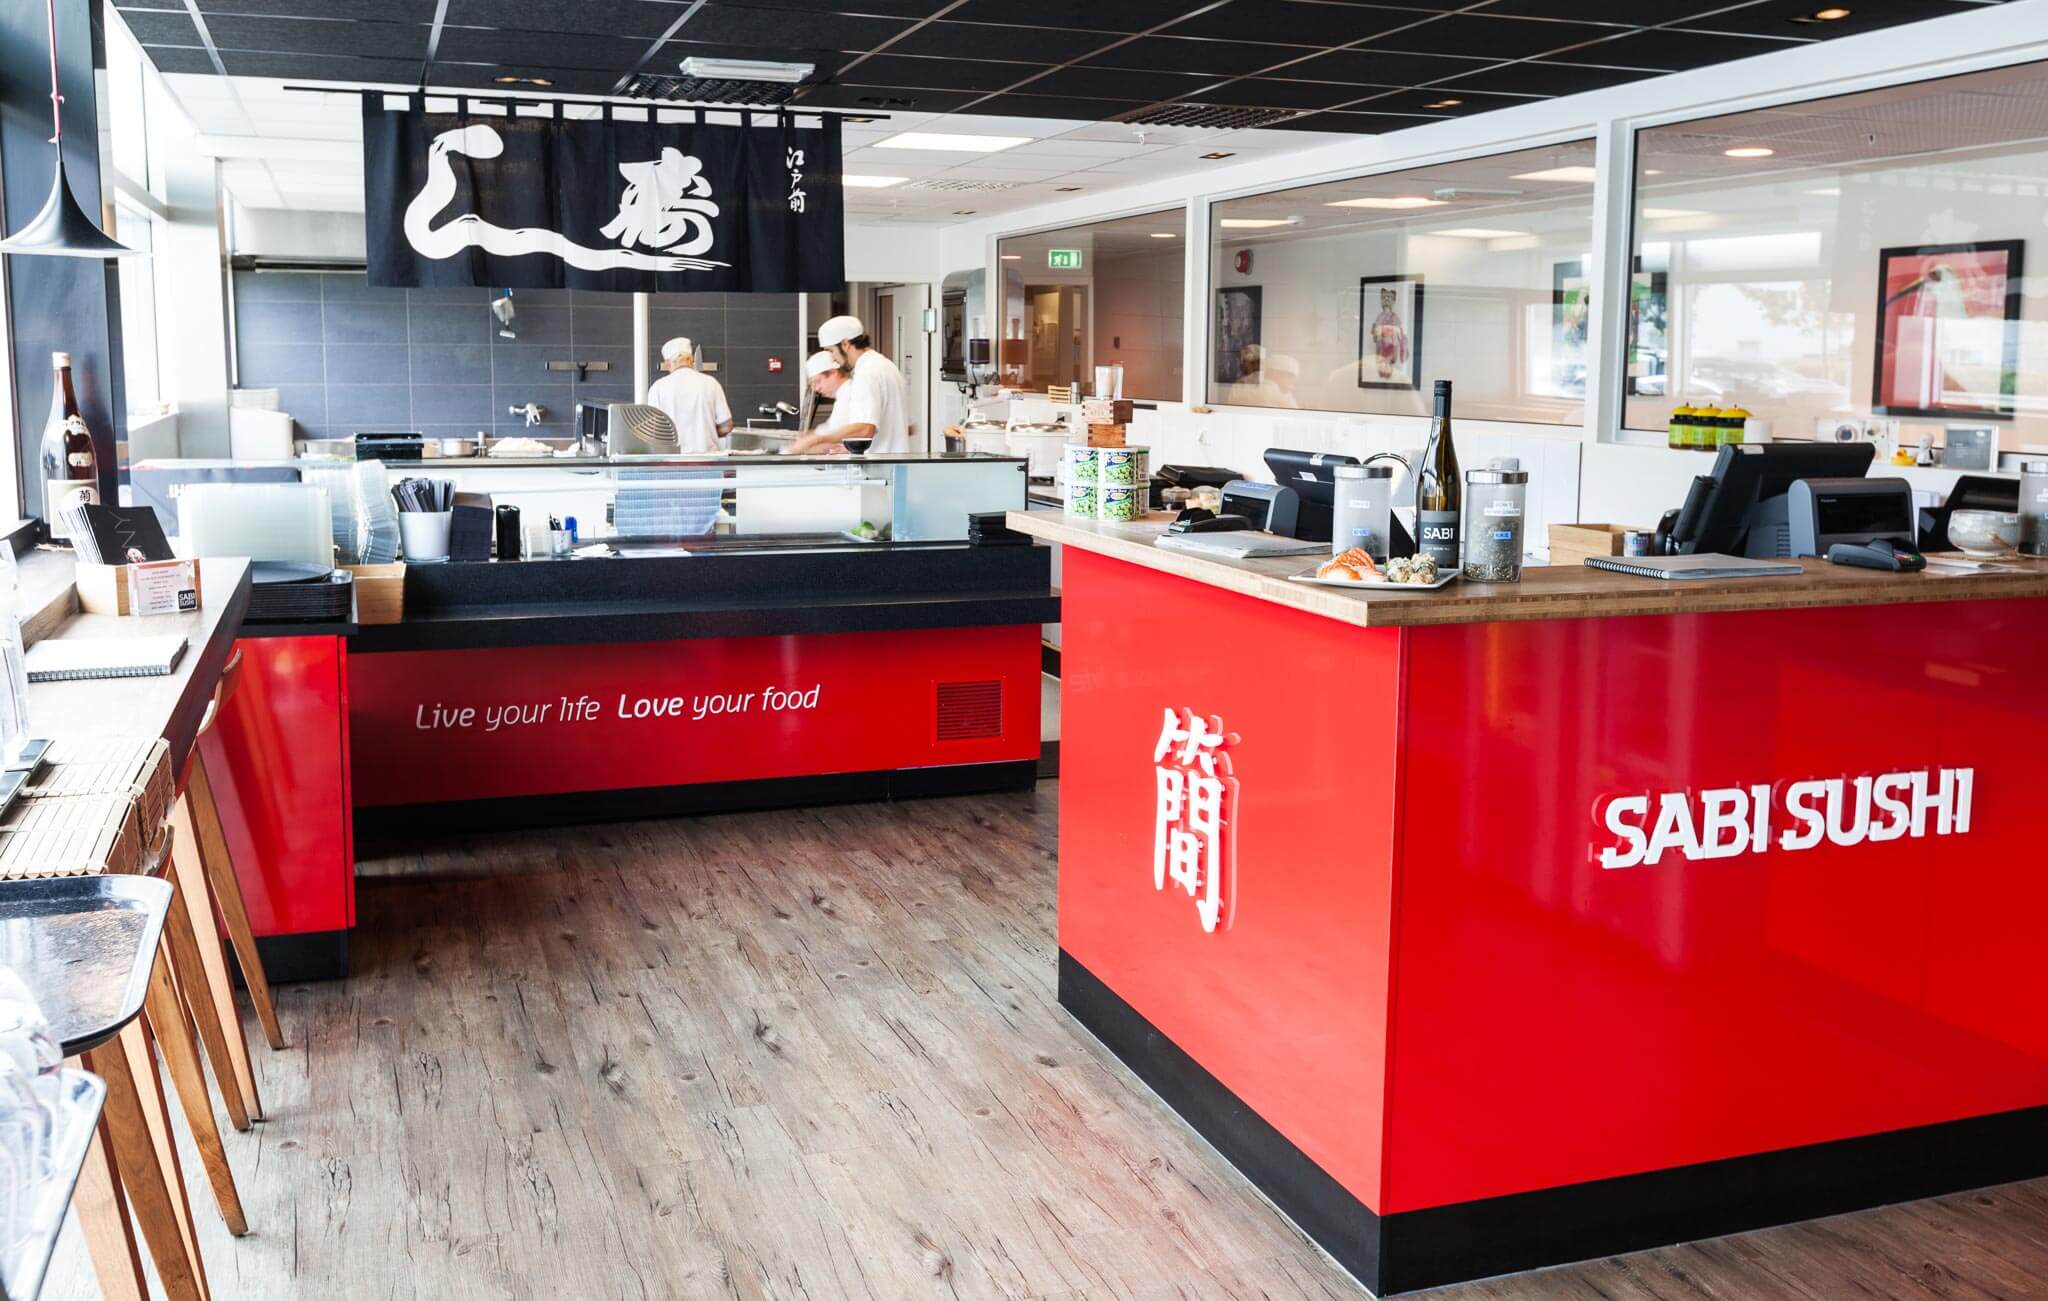 Sabi Sushi Tvedtsenteret